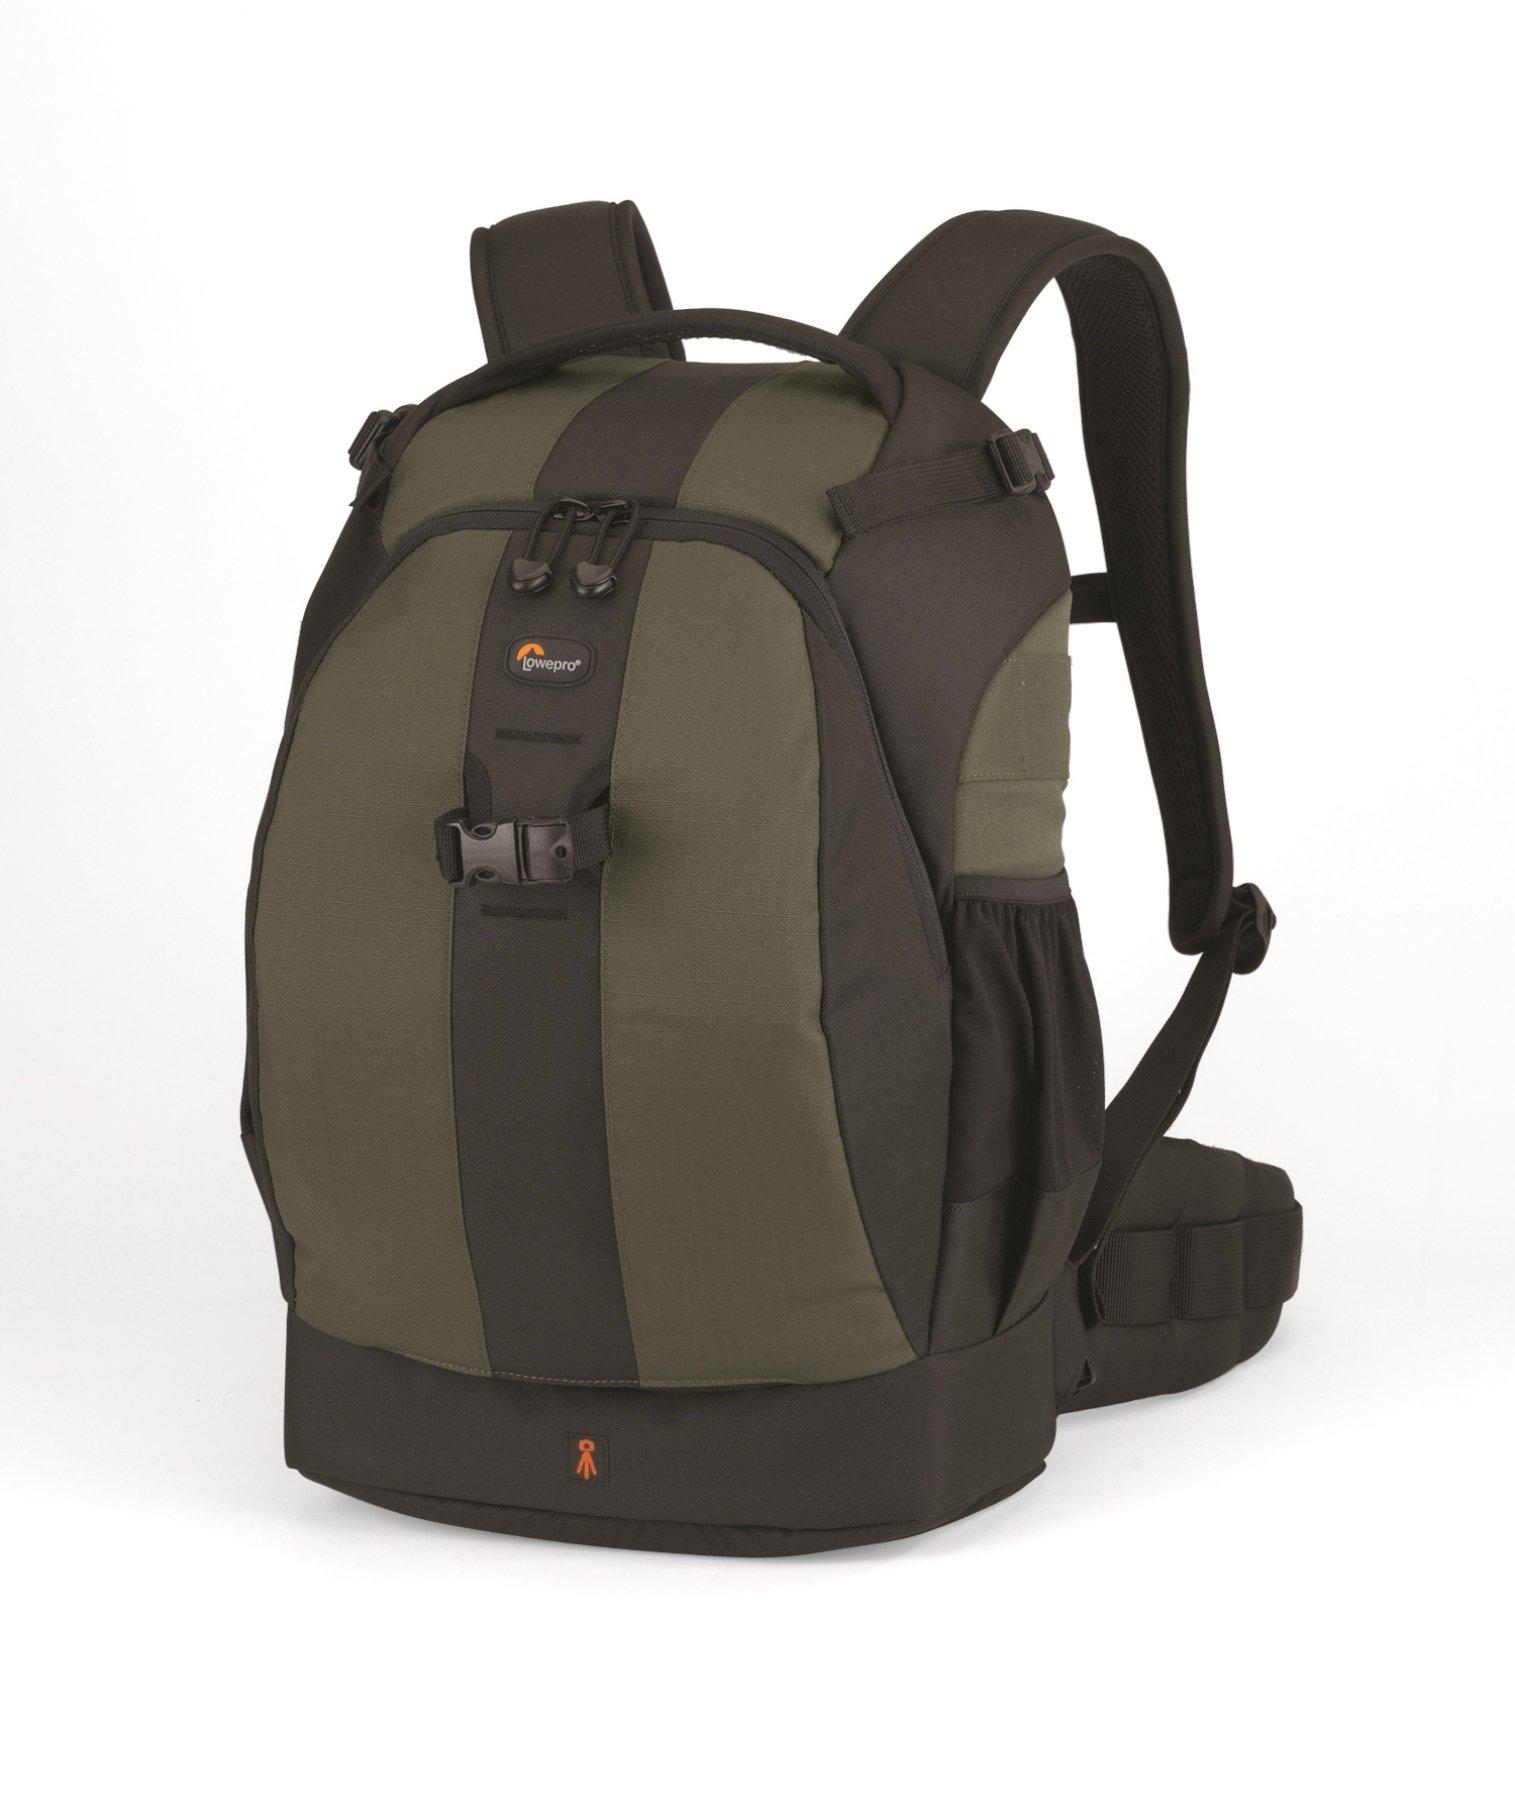 Lowepro Flipside 400 AW Pro DSLR Camera Backpack by Lowepro